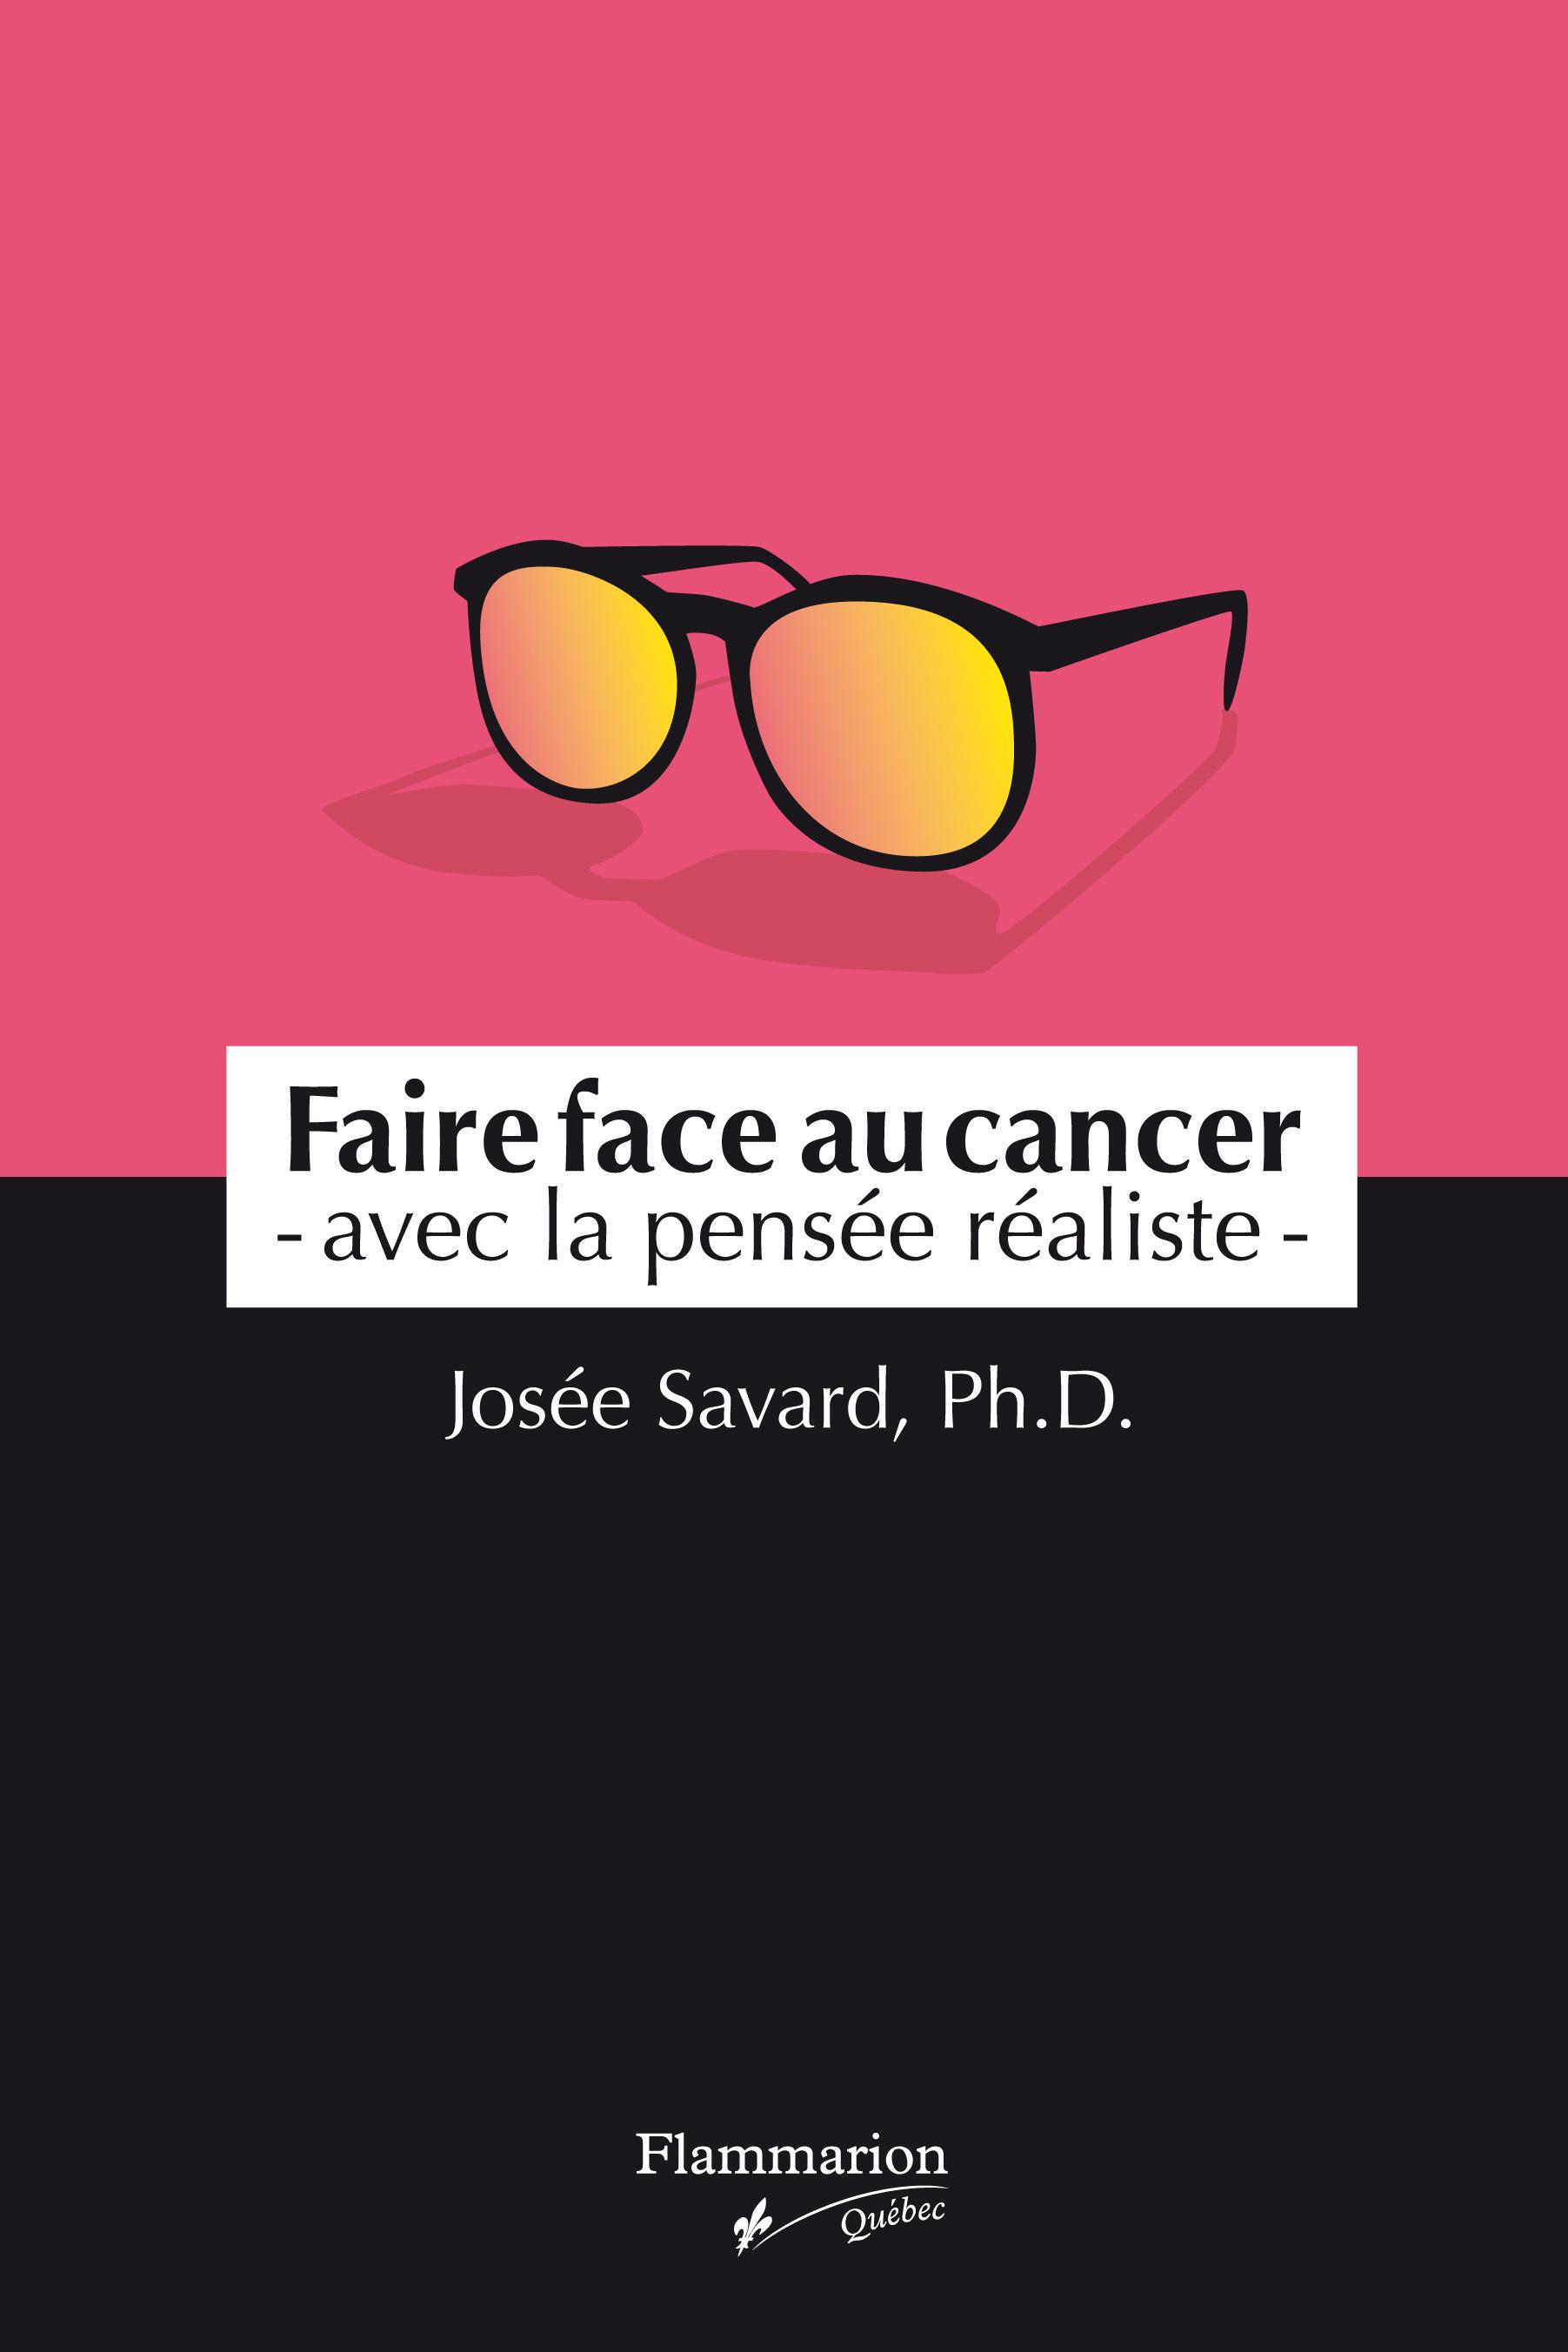 Faire face au cancer - avec la pensée réaliste